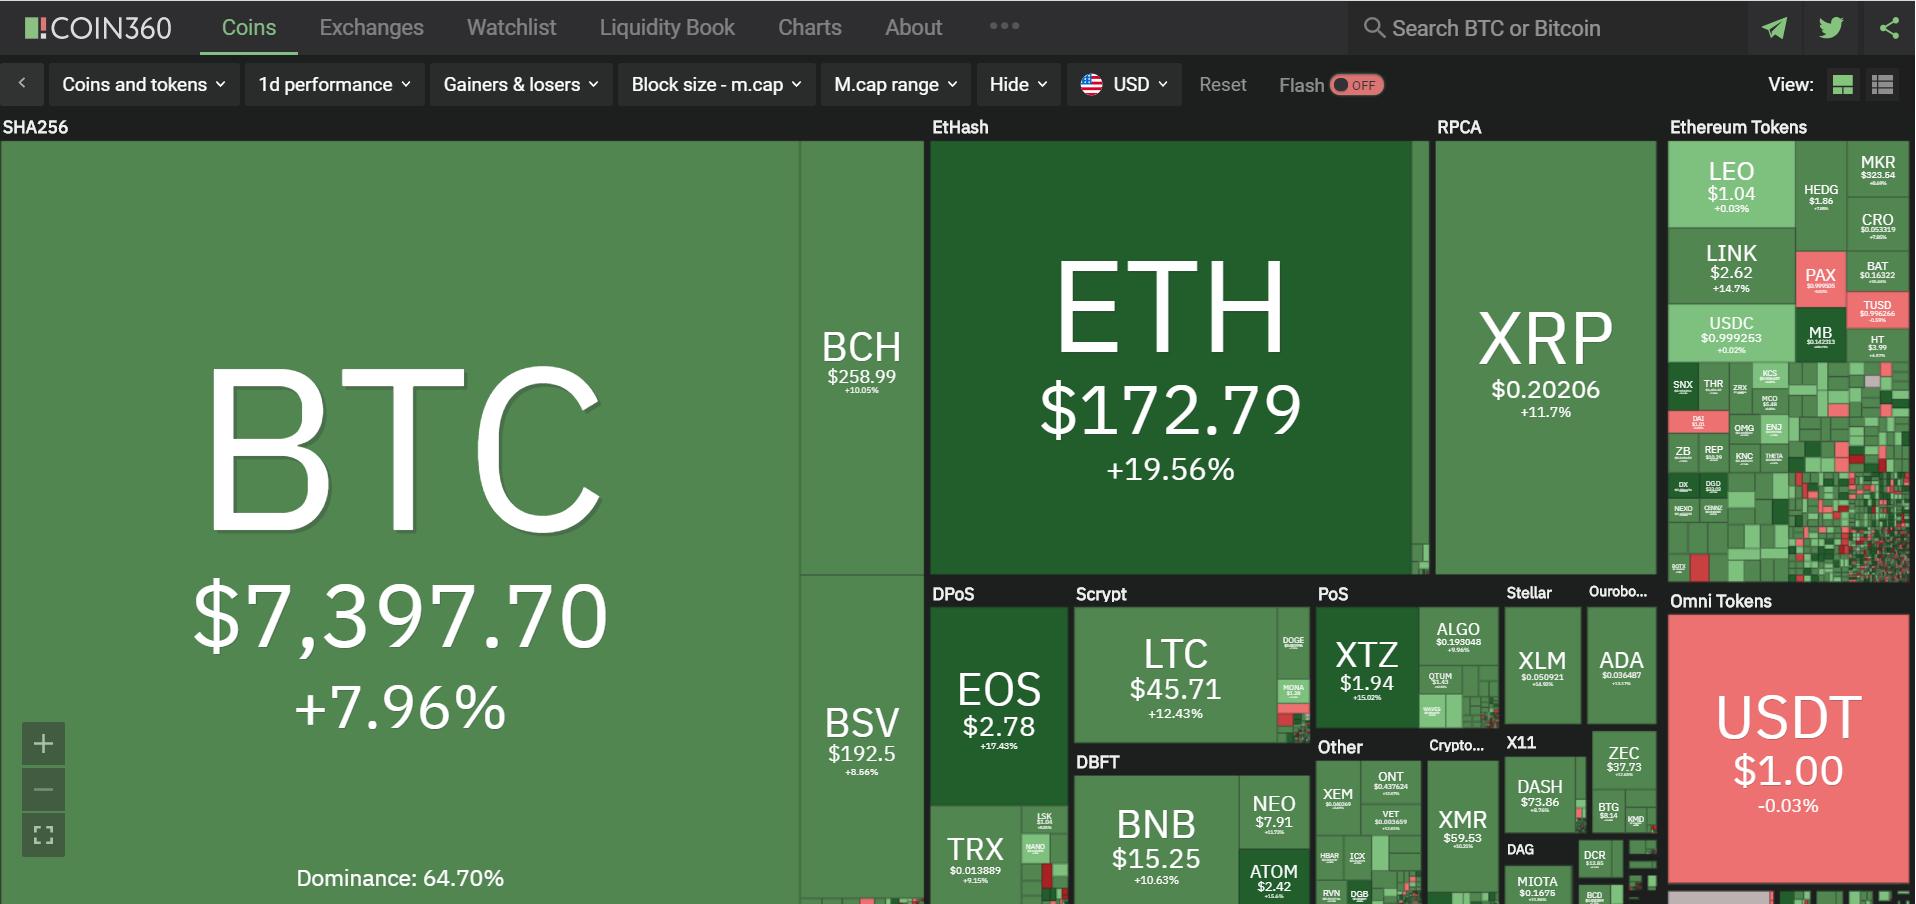 Toàn cảnh thị trường tiền kĩ thuật số hôm nay (7/4) (Nguồn: Coin360.com)